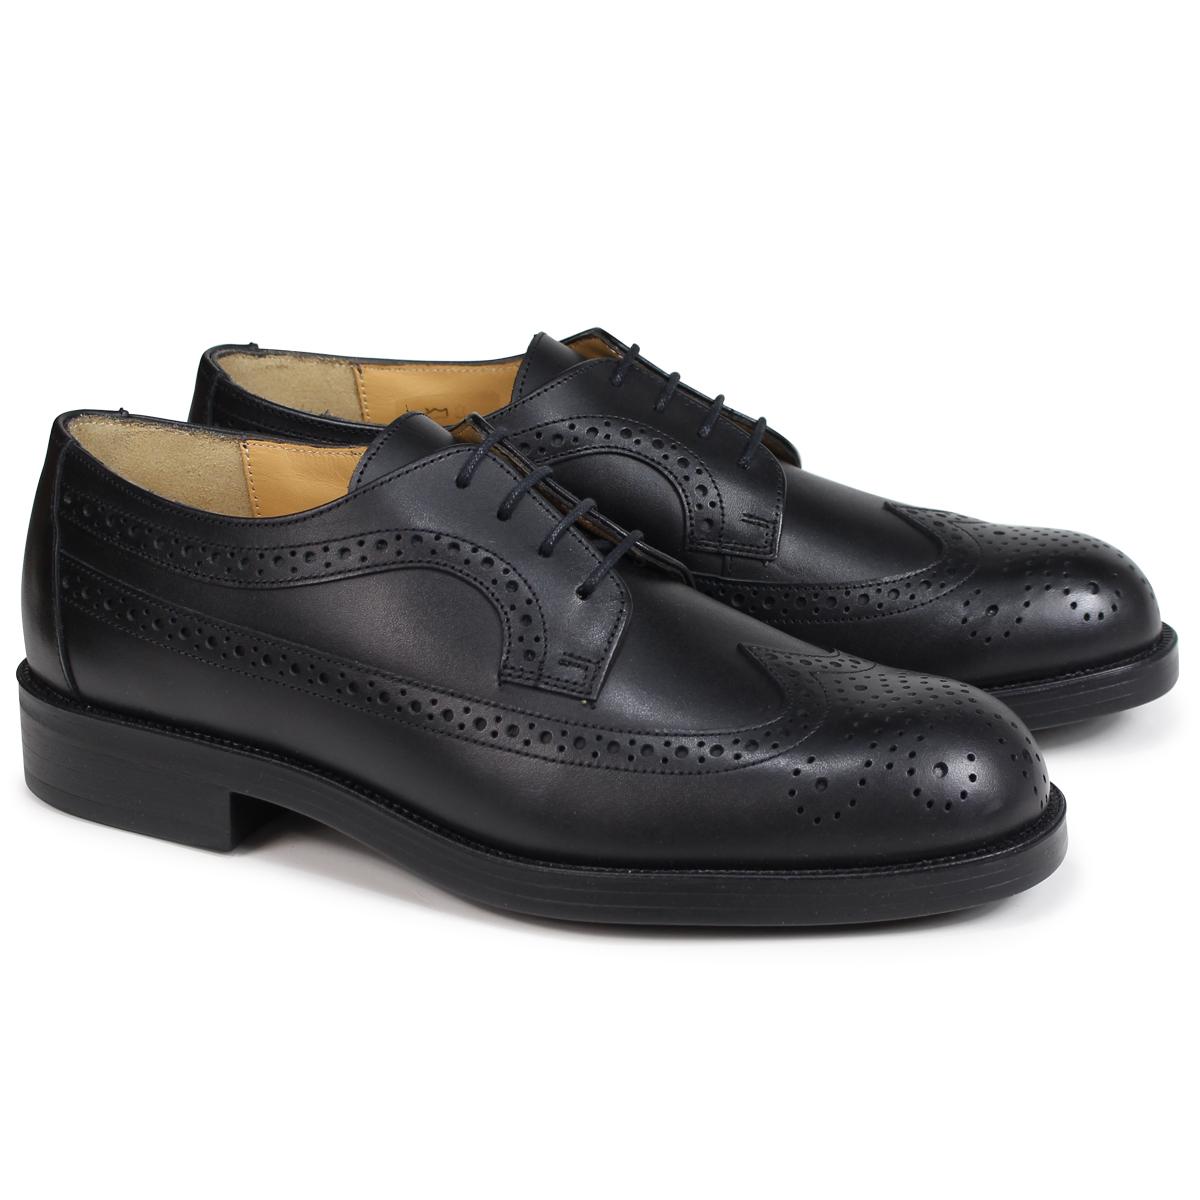 KLEMAN SUFOLO WING TIP SHOES クレマン 靴 ウイングチップ シューズ メンズ ブラック VA75102 [4/3 追加入荷]